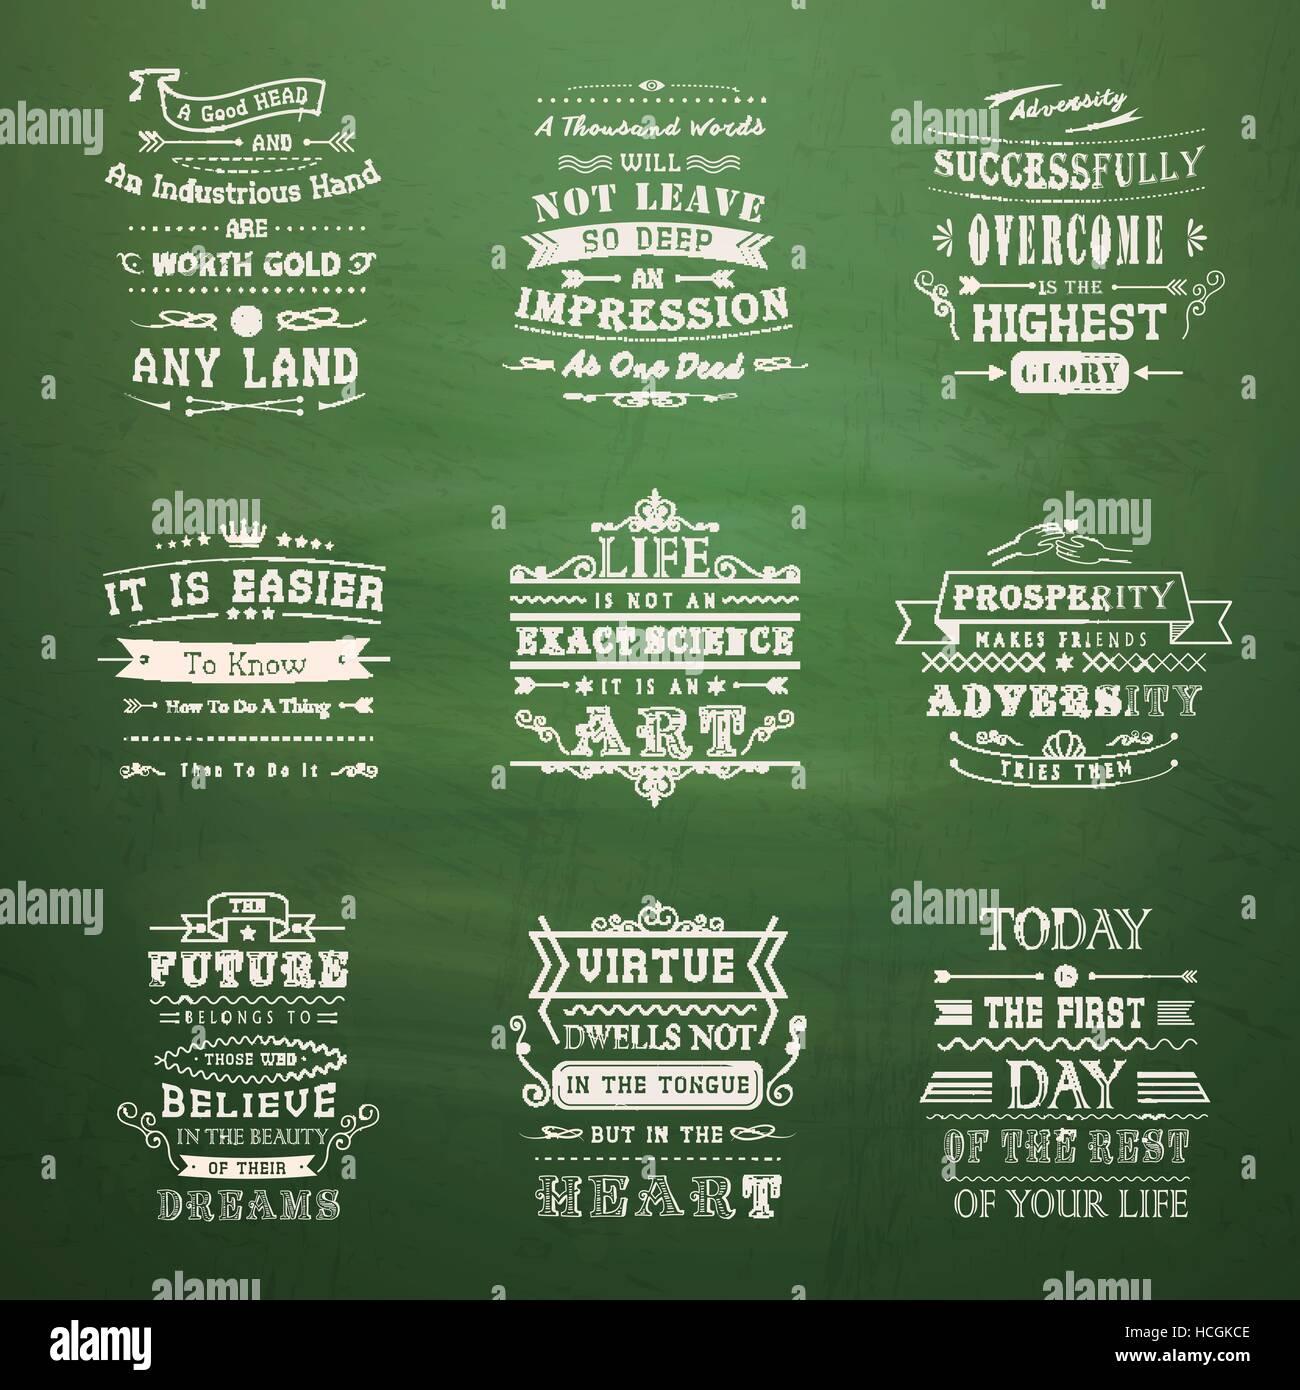 Quotes Typography Retro Set Stock Photos & Quotes Typography Retro ...